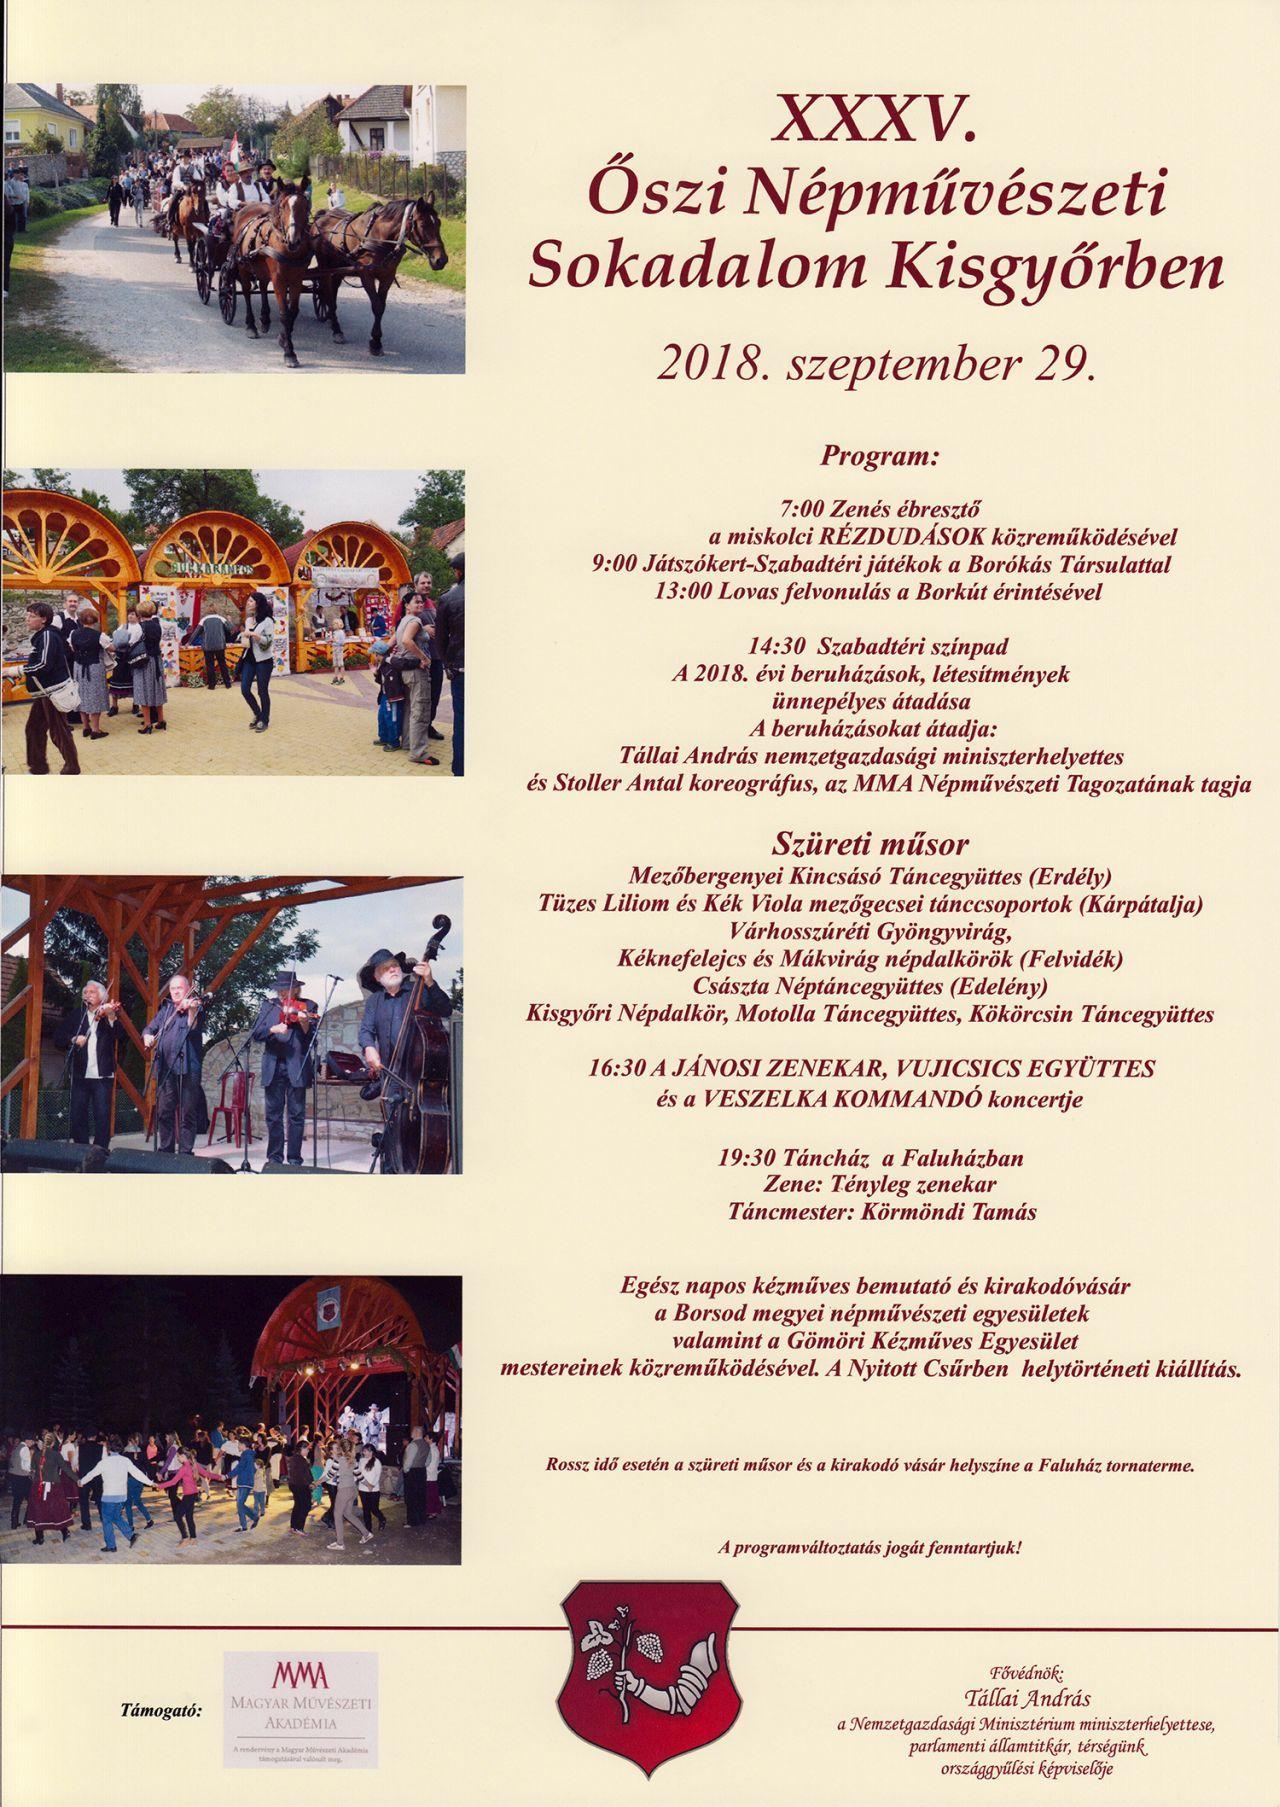 cf4ce040713f Szüreti nap, egész napos kézműves bemutató és kirakodóvásár, táncház,  művészeti programok!